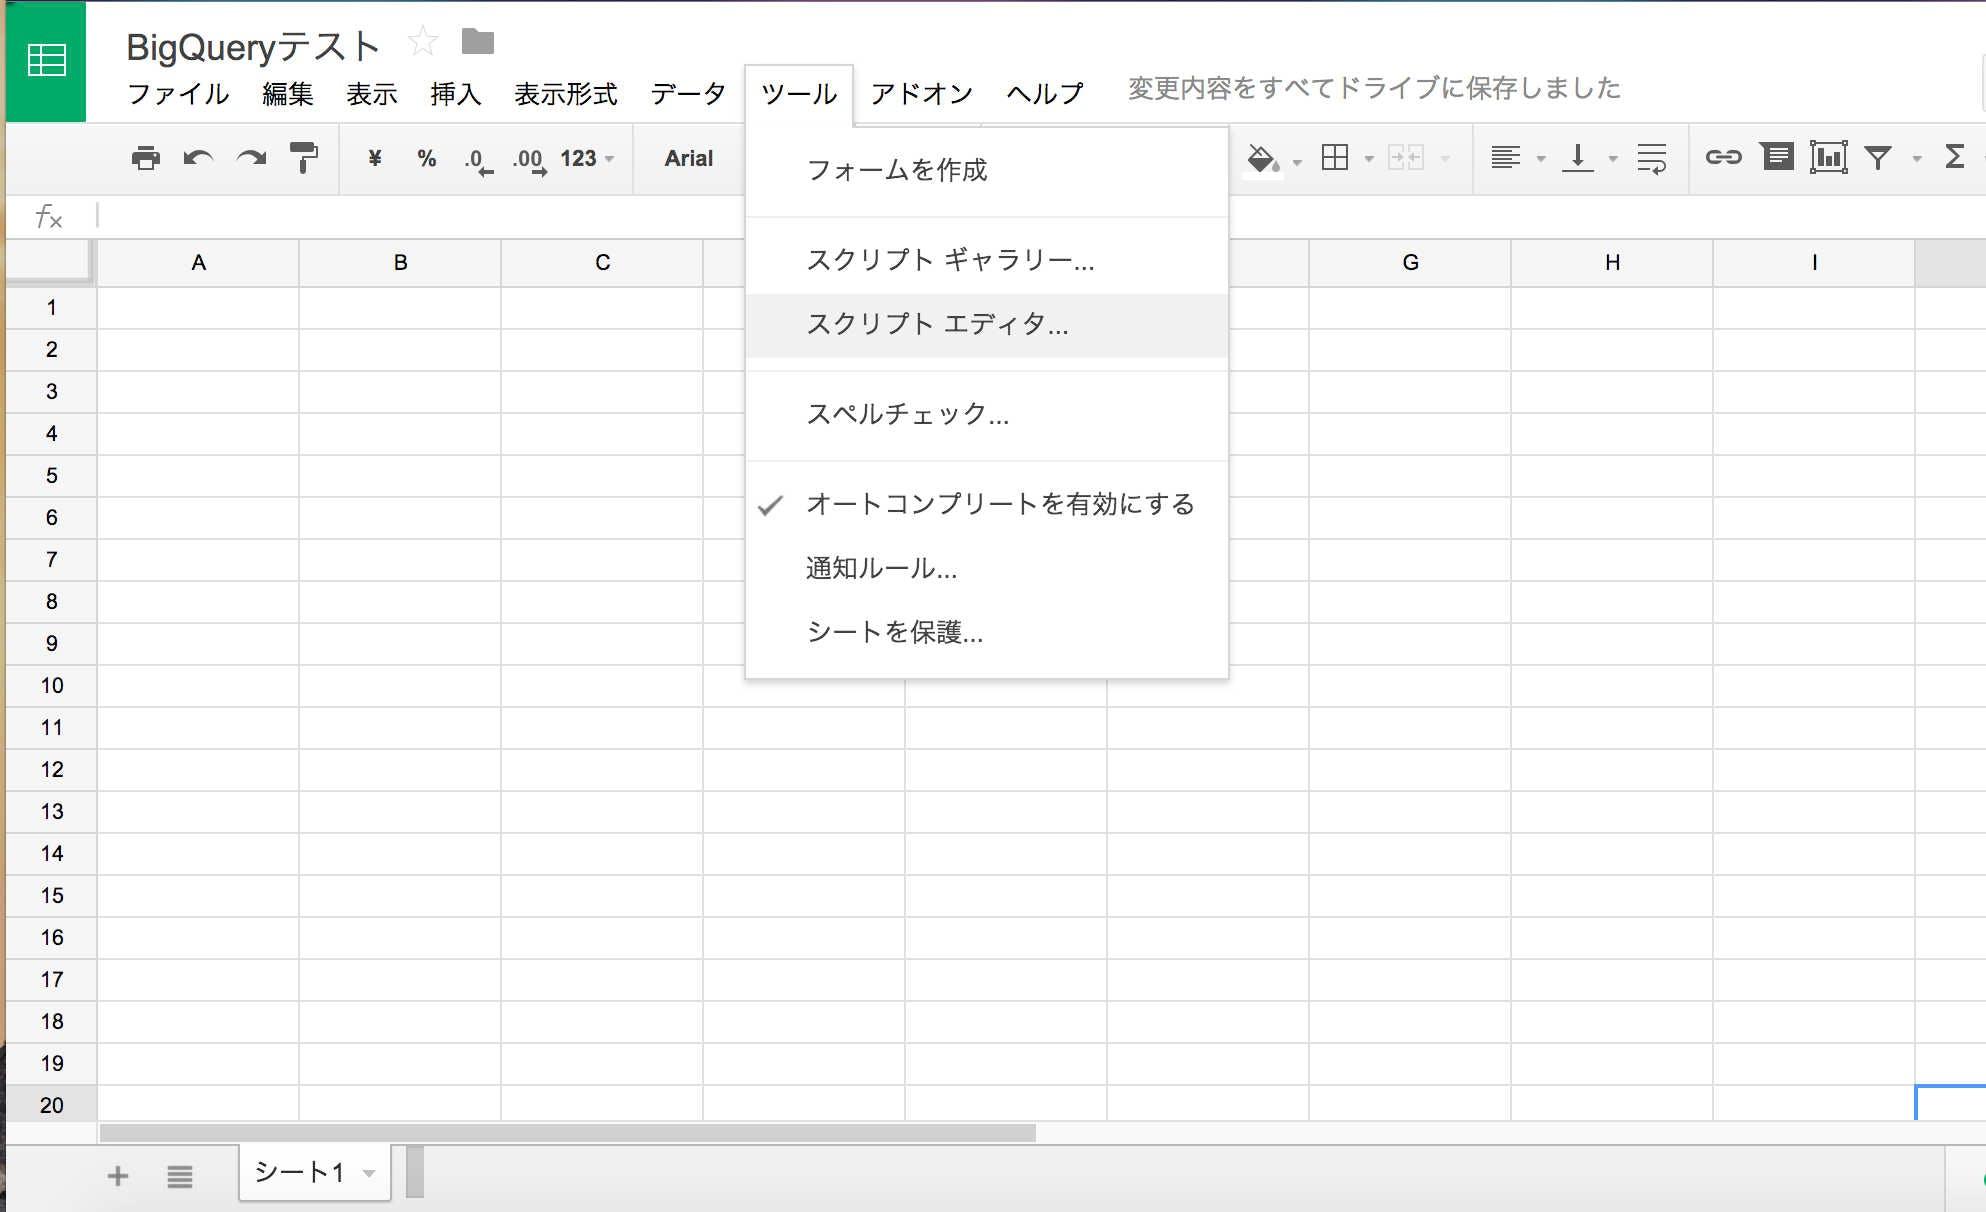 spreadsheet_001.jpg